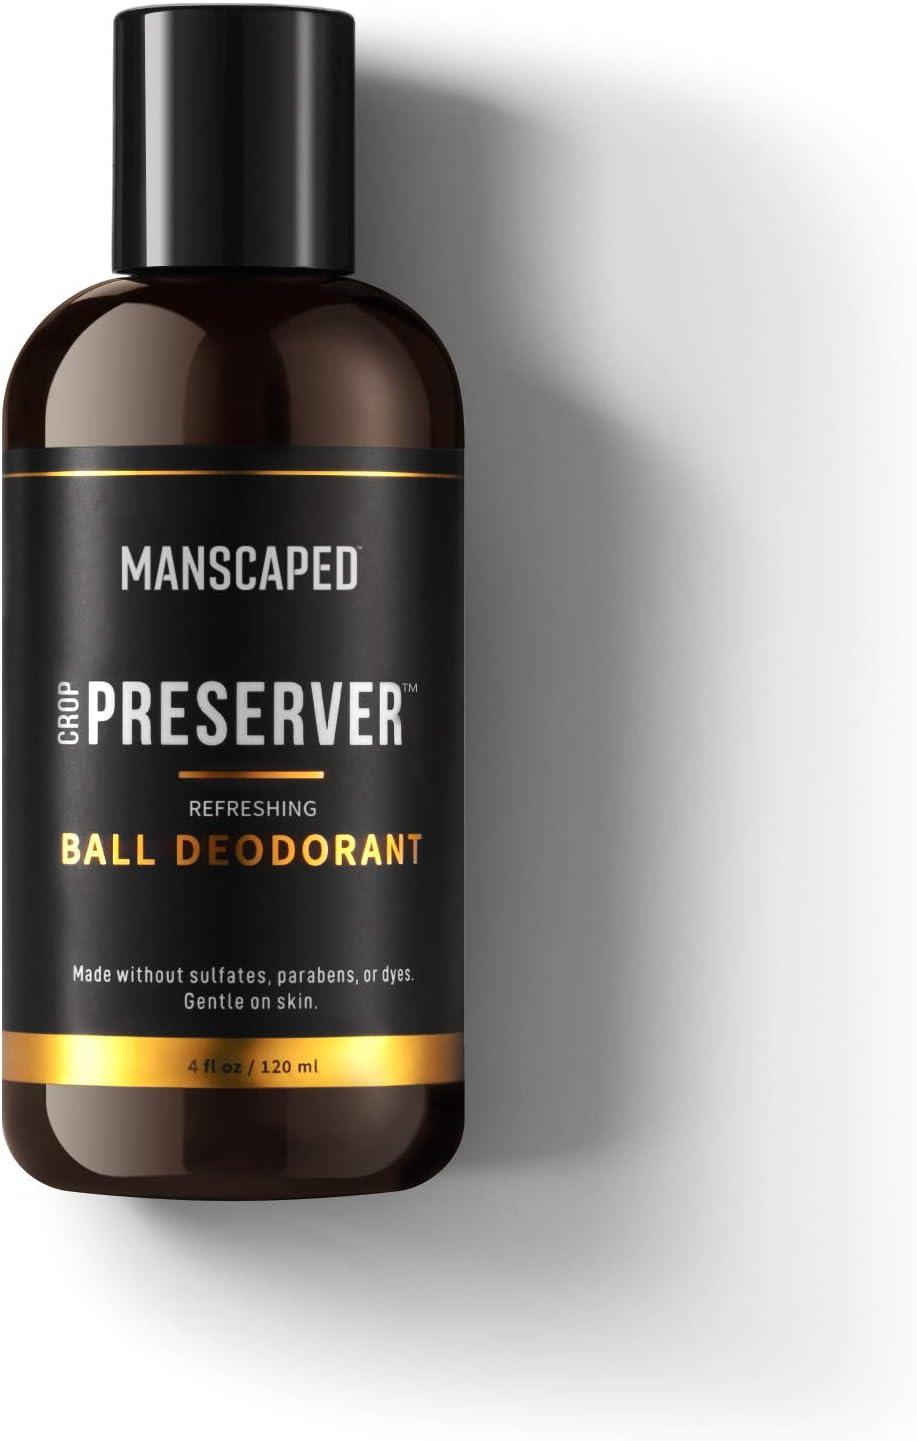 Desodorantes para hombre de MANSCAPED™ The Crop Preserver™, desodorantes en gel con aloe vera, desodorante íntimo para hombre, tónico genital masculino, aftershave para genitales, 120 ml